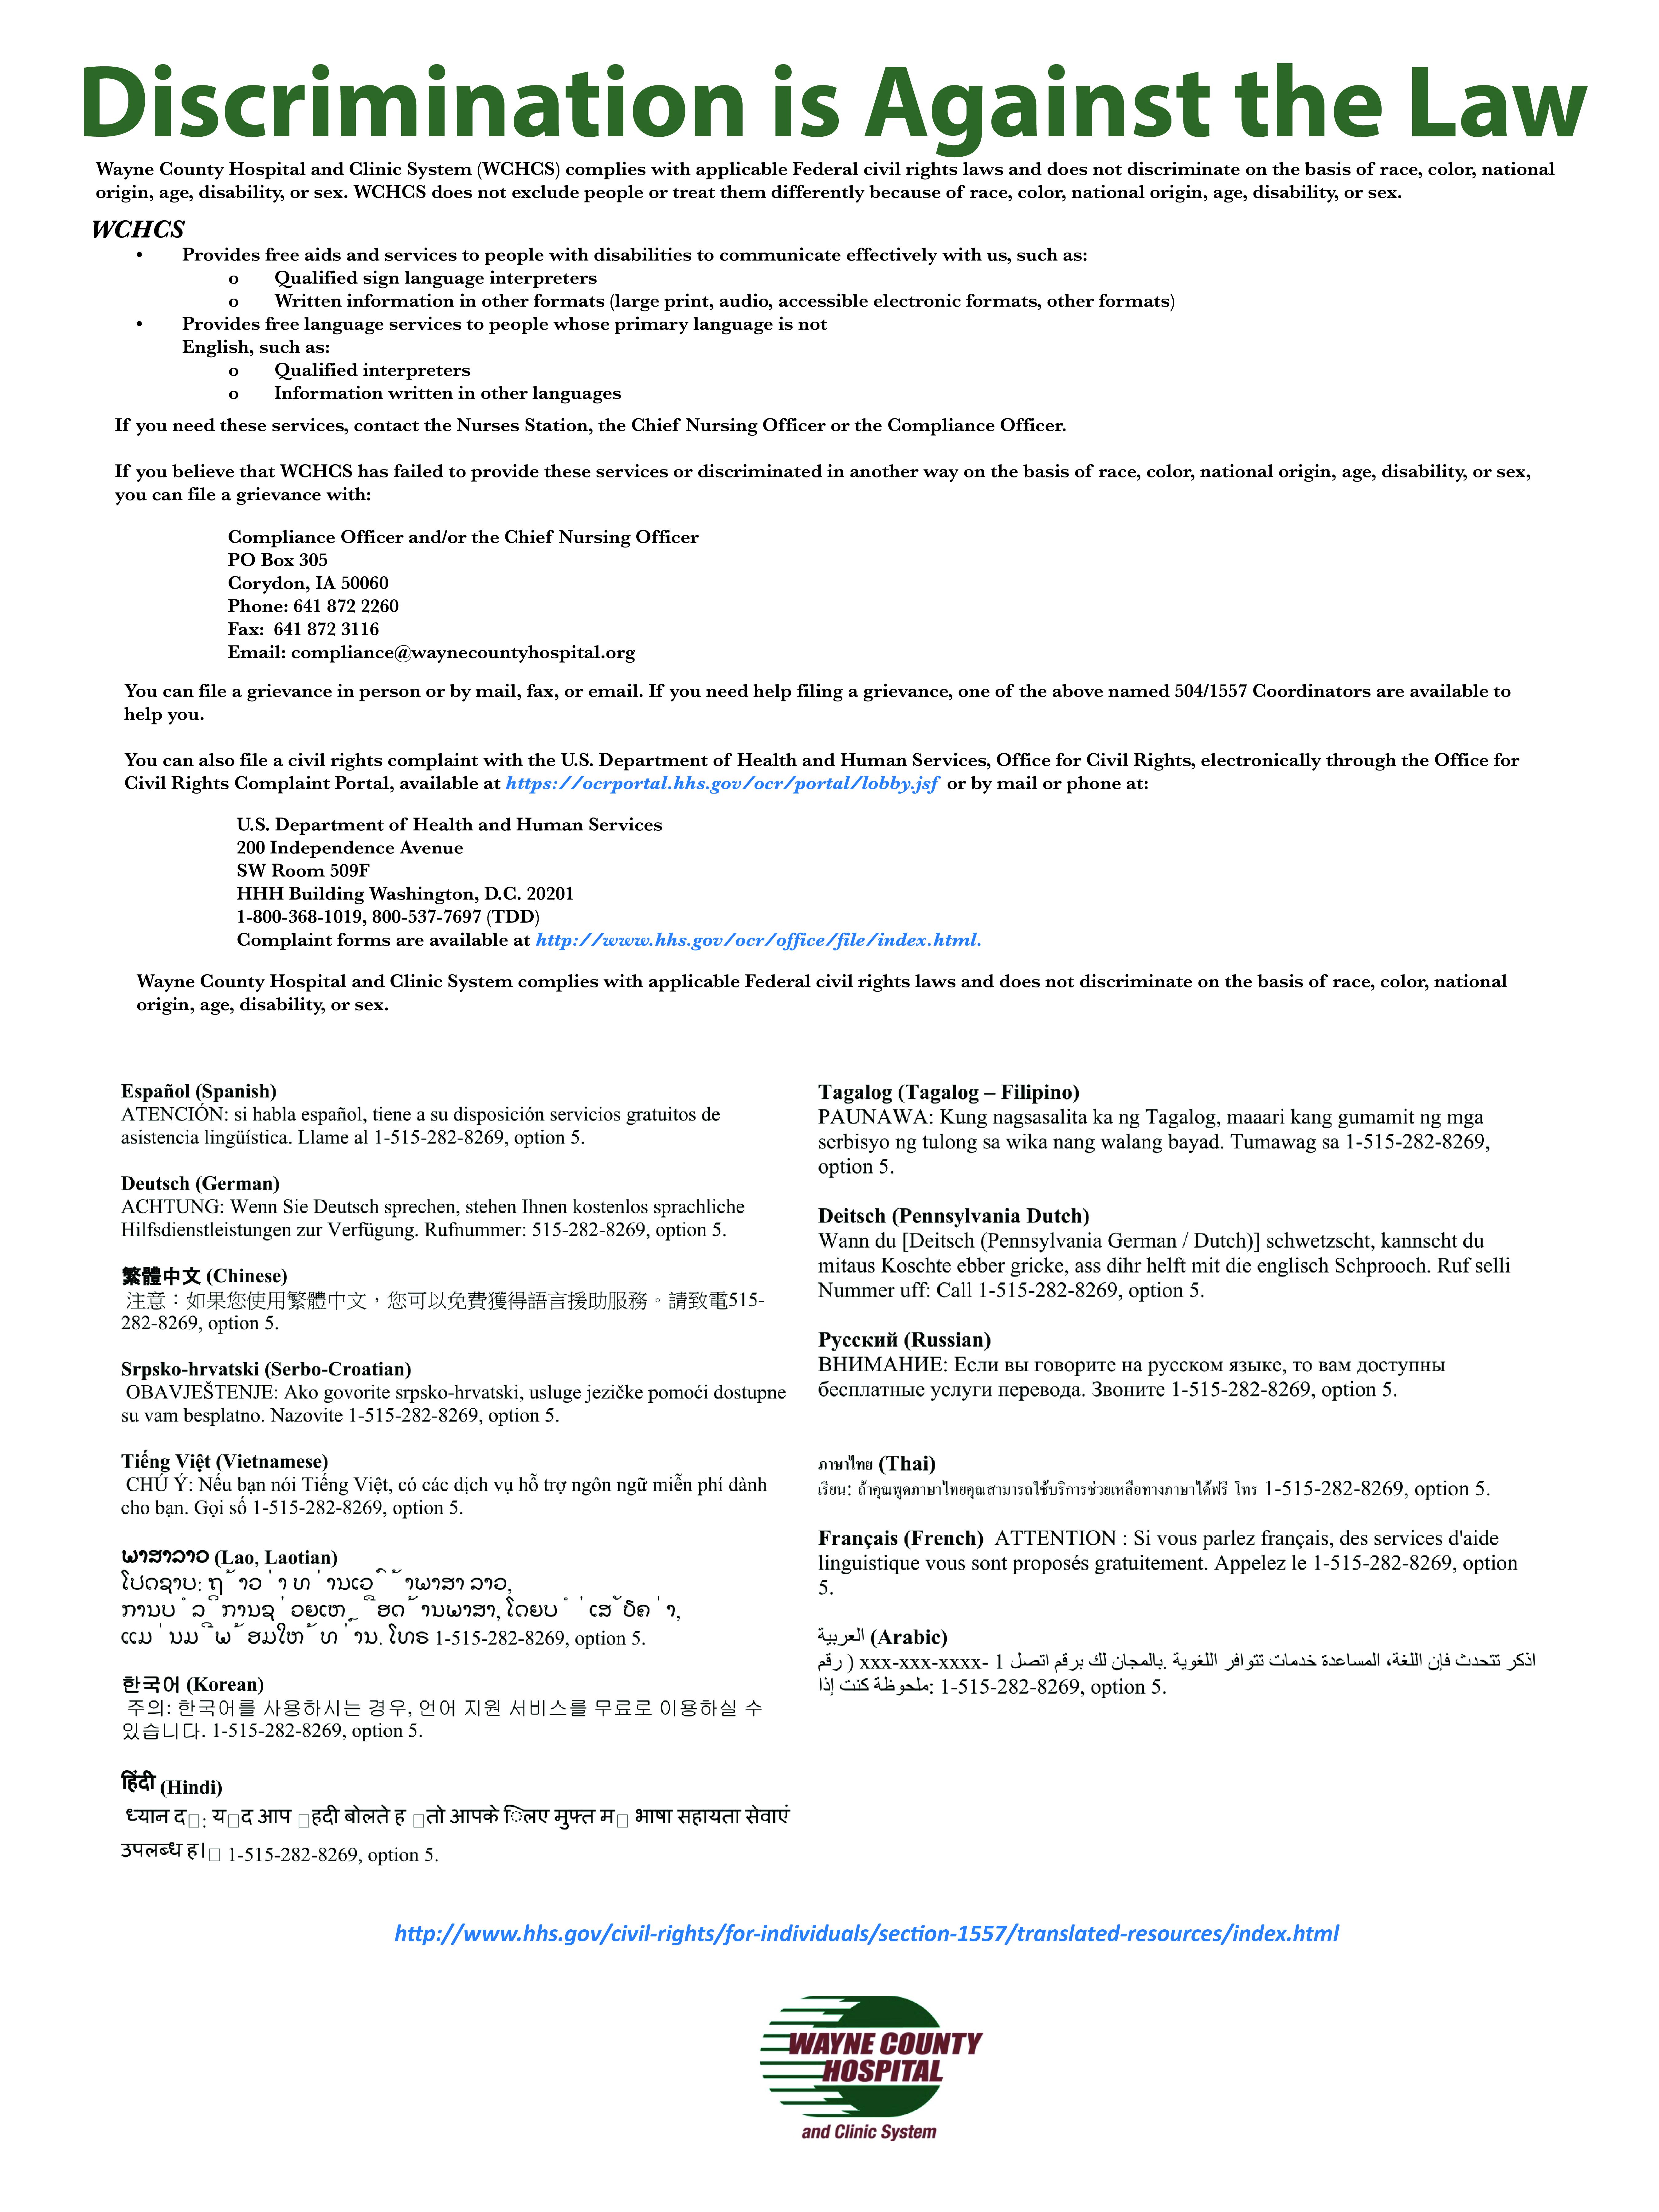 discrimination_poster-01final-nov-2016